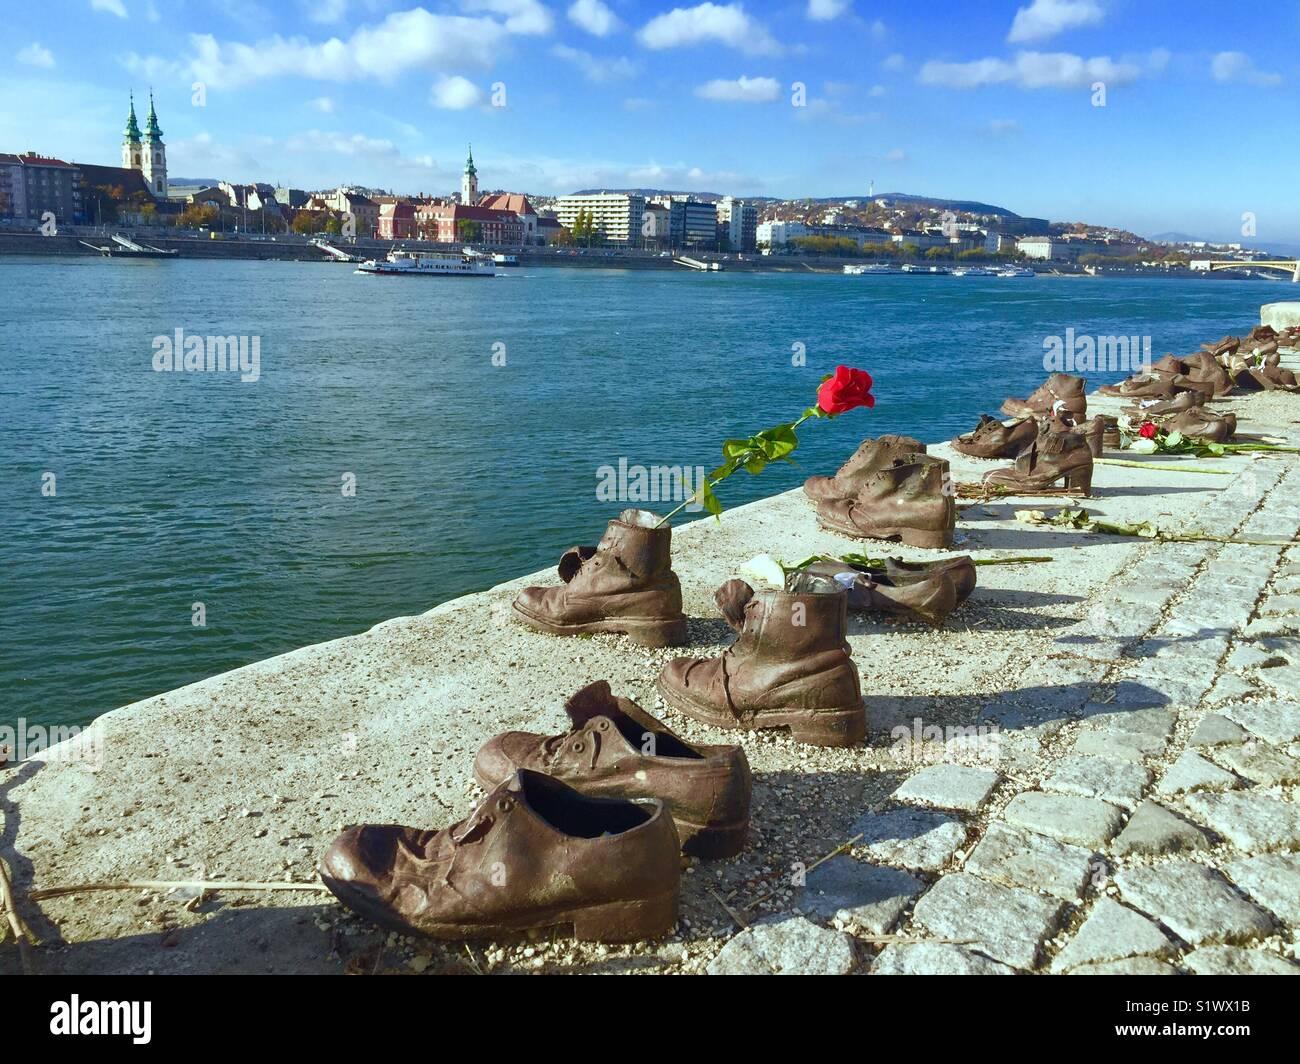 Los zapatos en la orilla del Danubio (Budapest, Hungría) Imagen De Stock